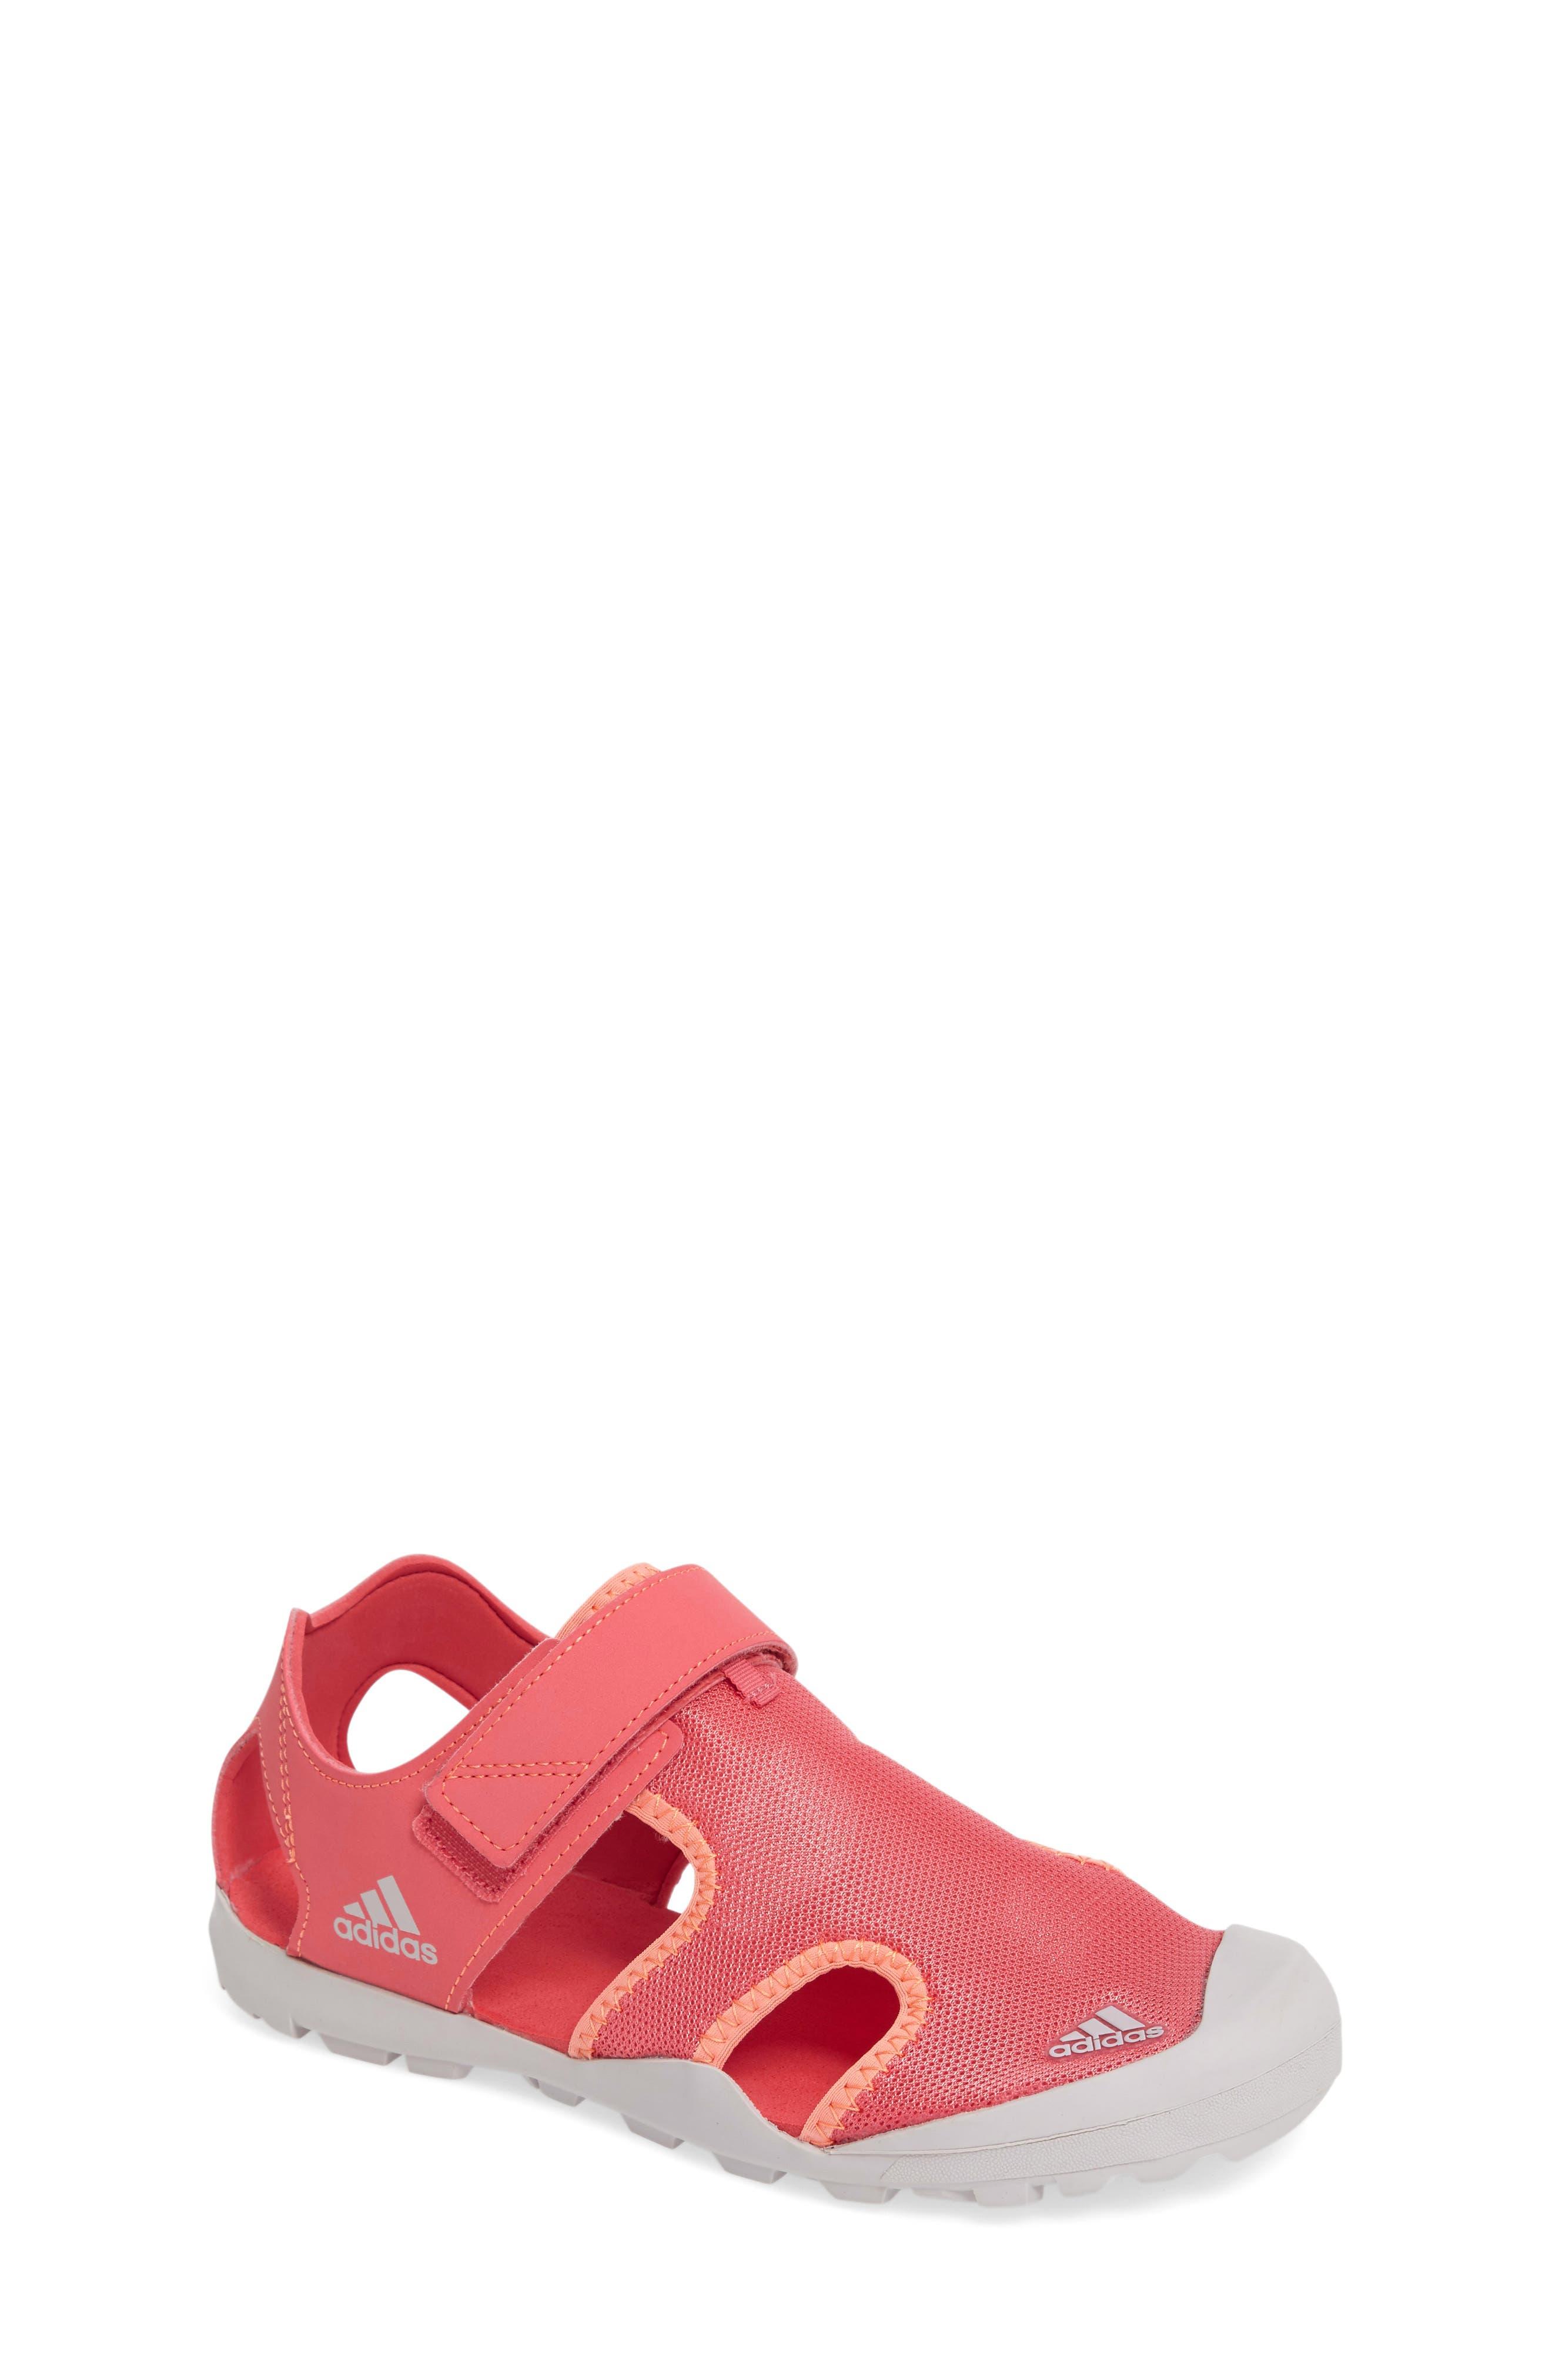 Captain Toey Sandal,                         Main,                         color, Tactile Pink/ Purple/ Orange